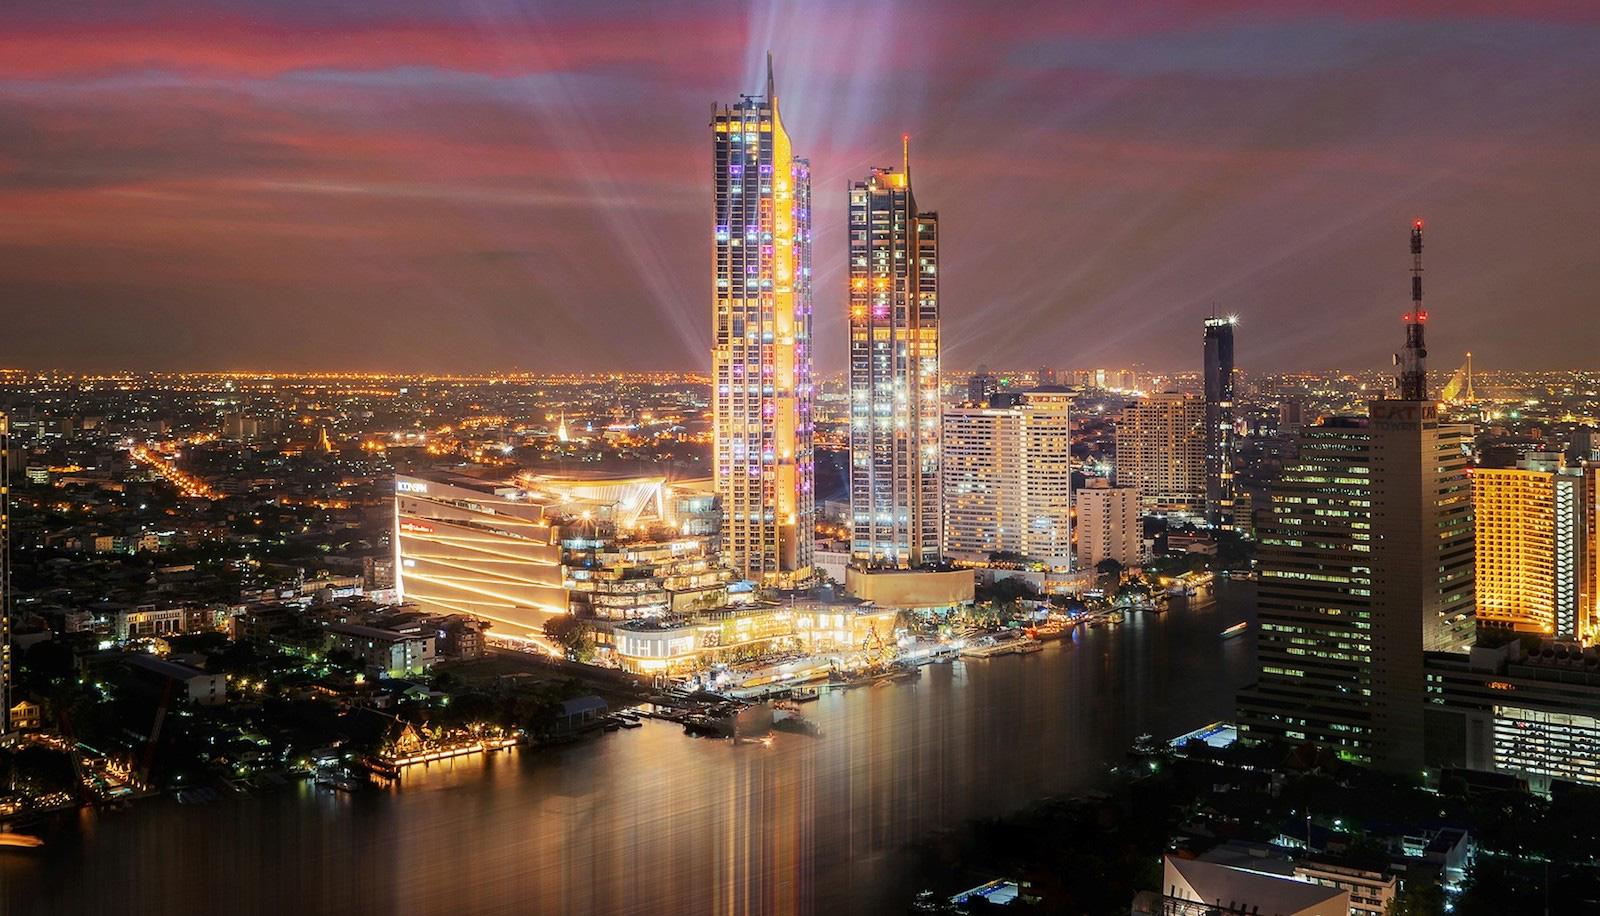 Sau nhiều tháng đóng cửa do dịch bệnh cuối cùng Thái Lan cũng đang xem xét mở cửa du lịch trở lại - Ảnh 2.